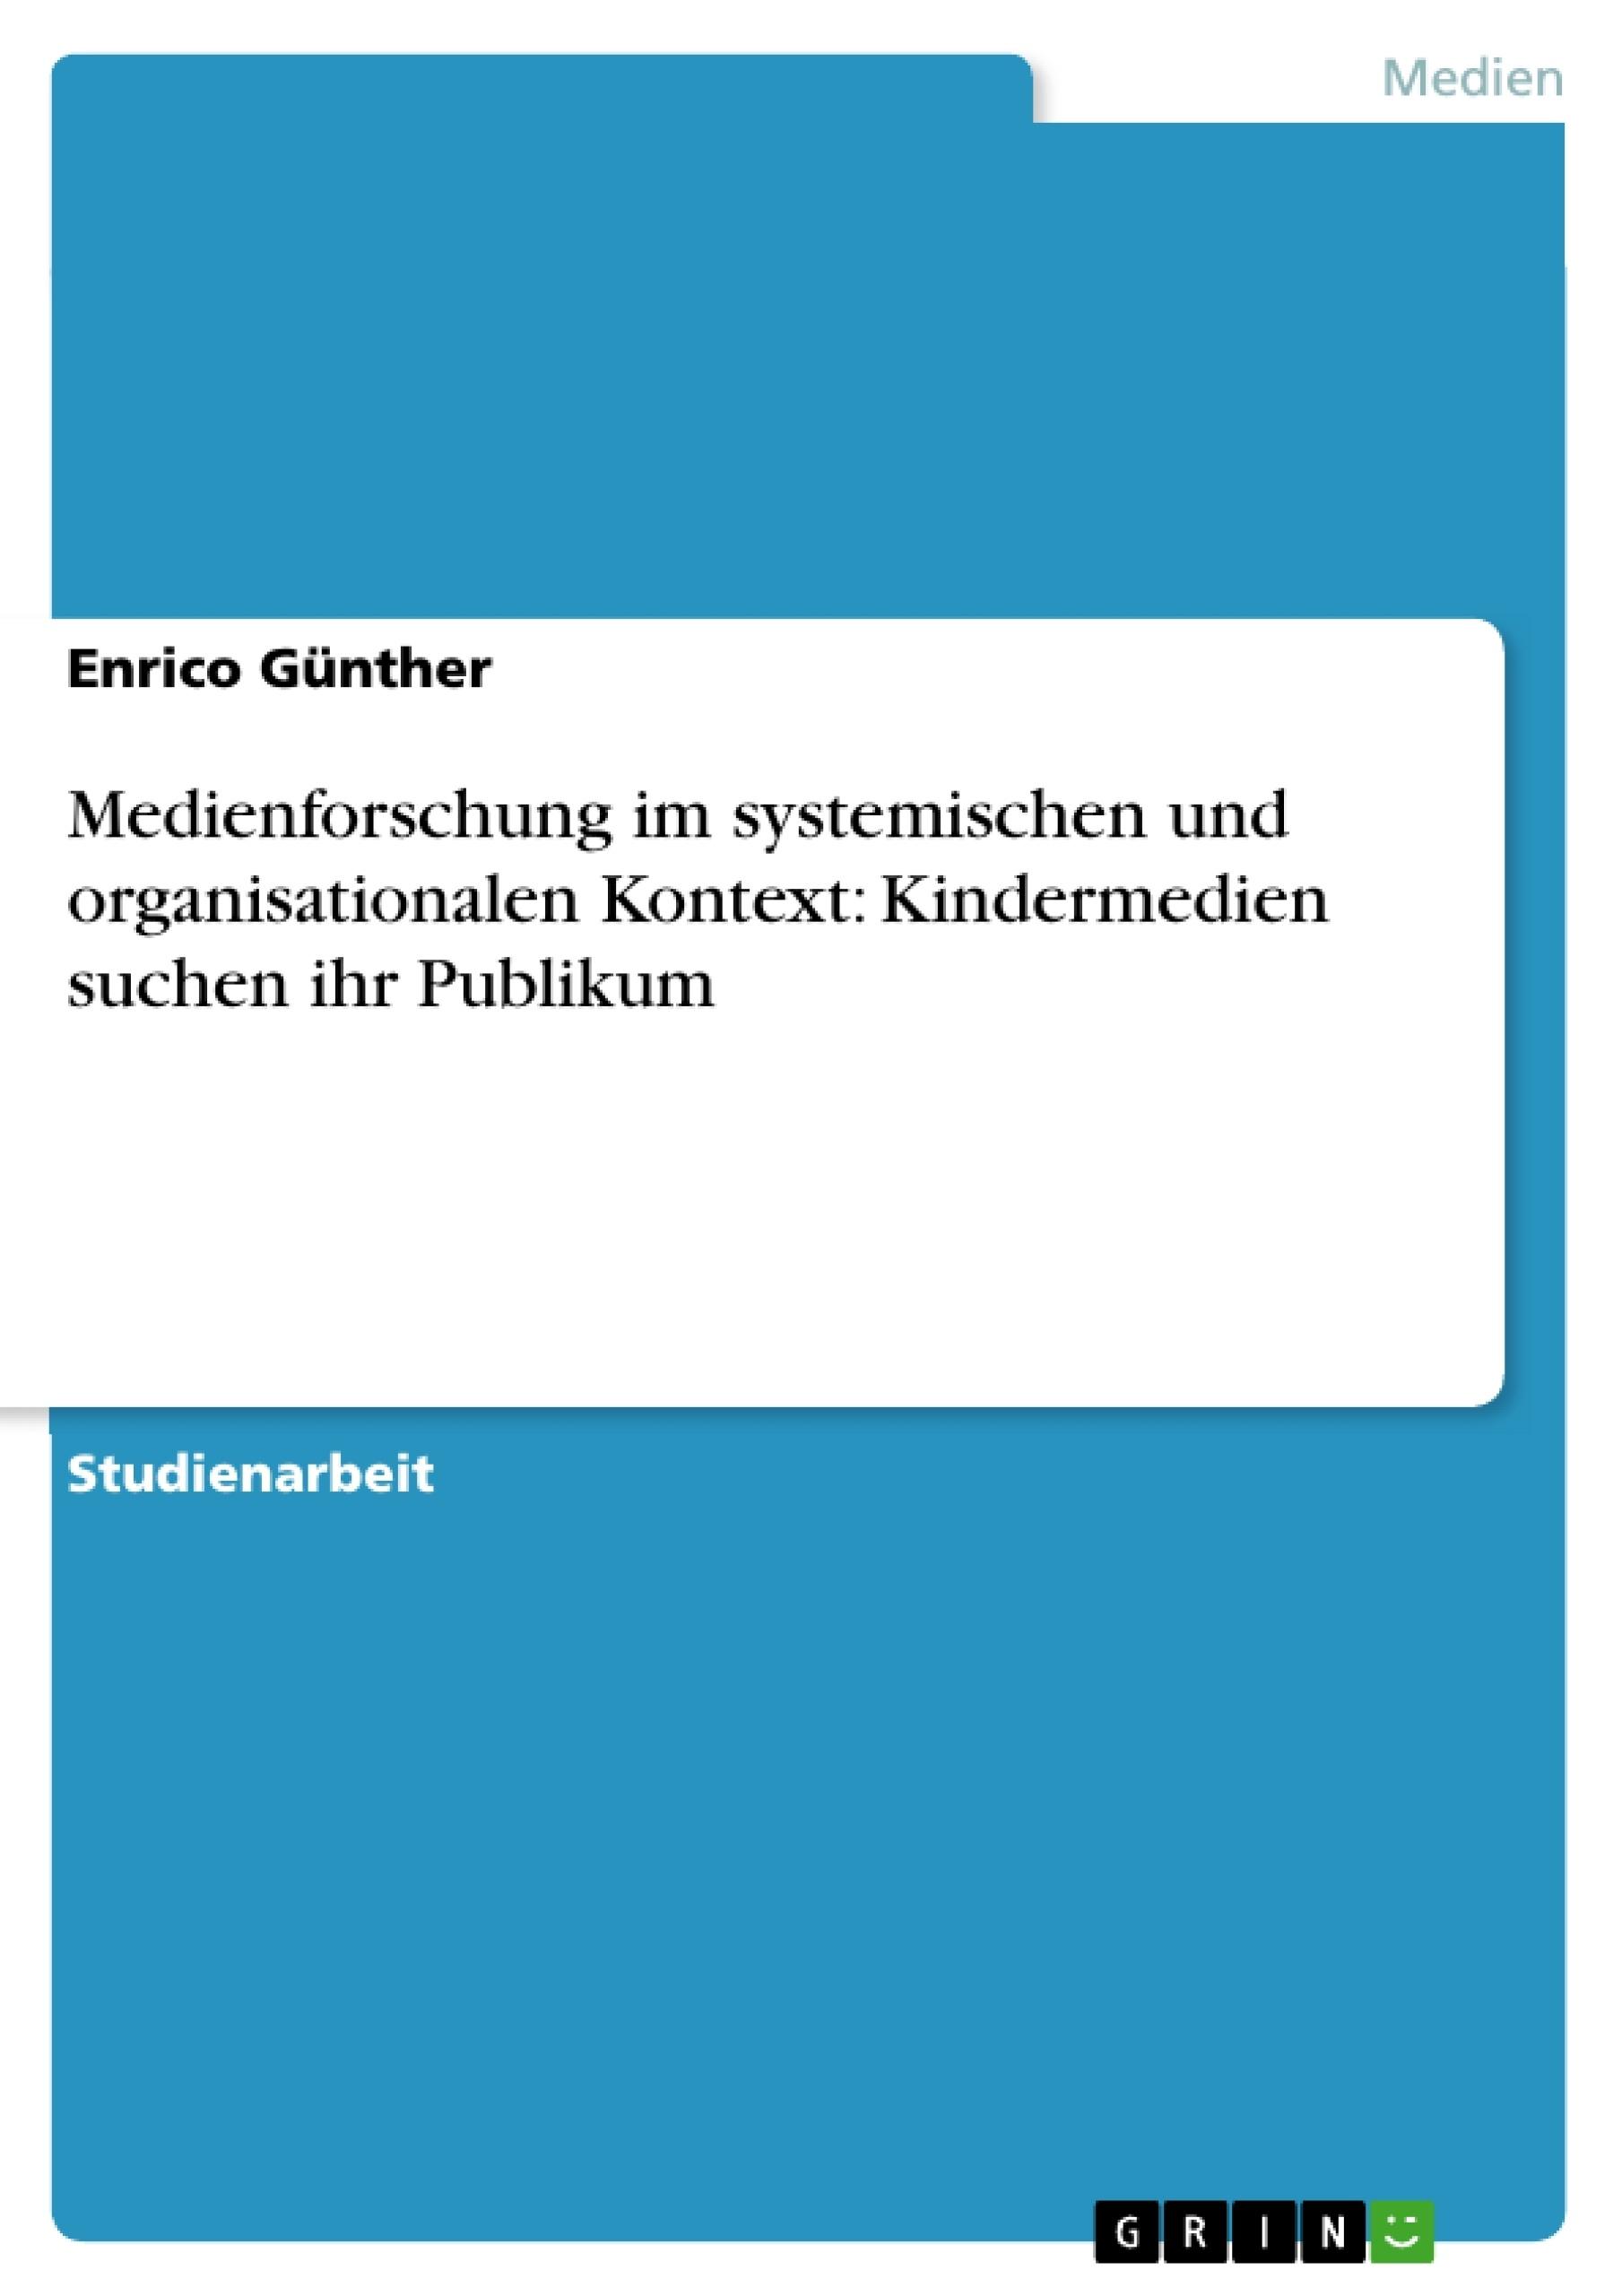 Titel: Medienforschung im systemischen und organisationalen Kontext: Kindermedien suchen ihr Publikum